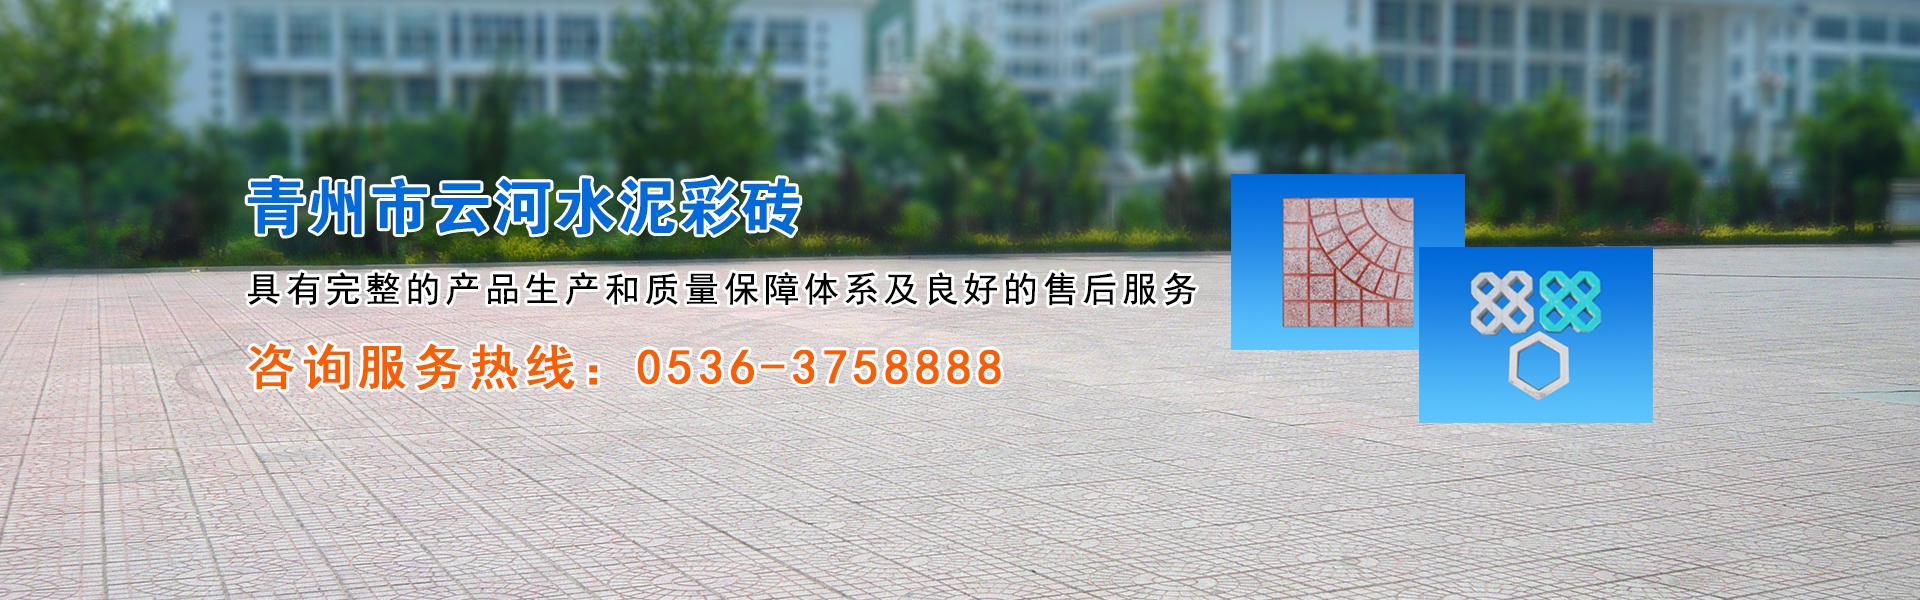 青州市云河水泥彩砖